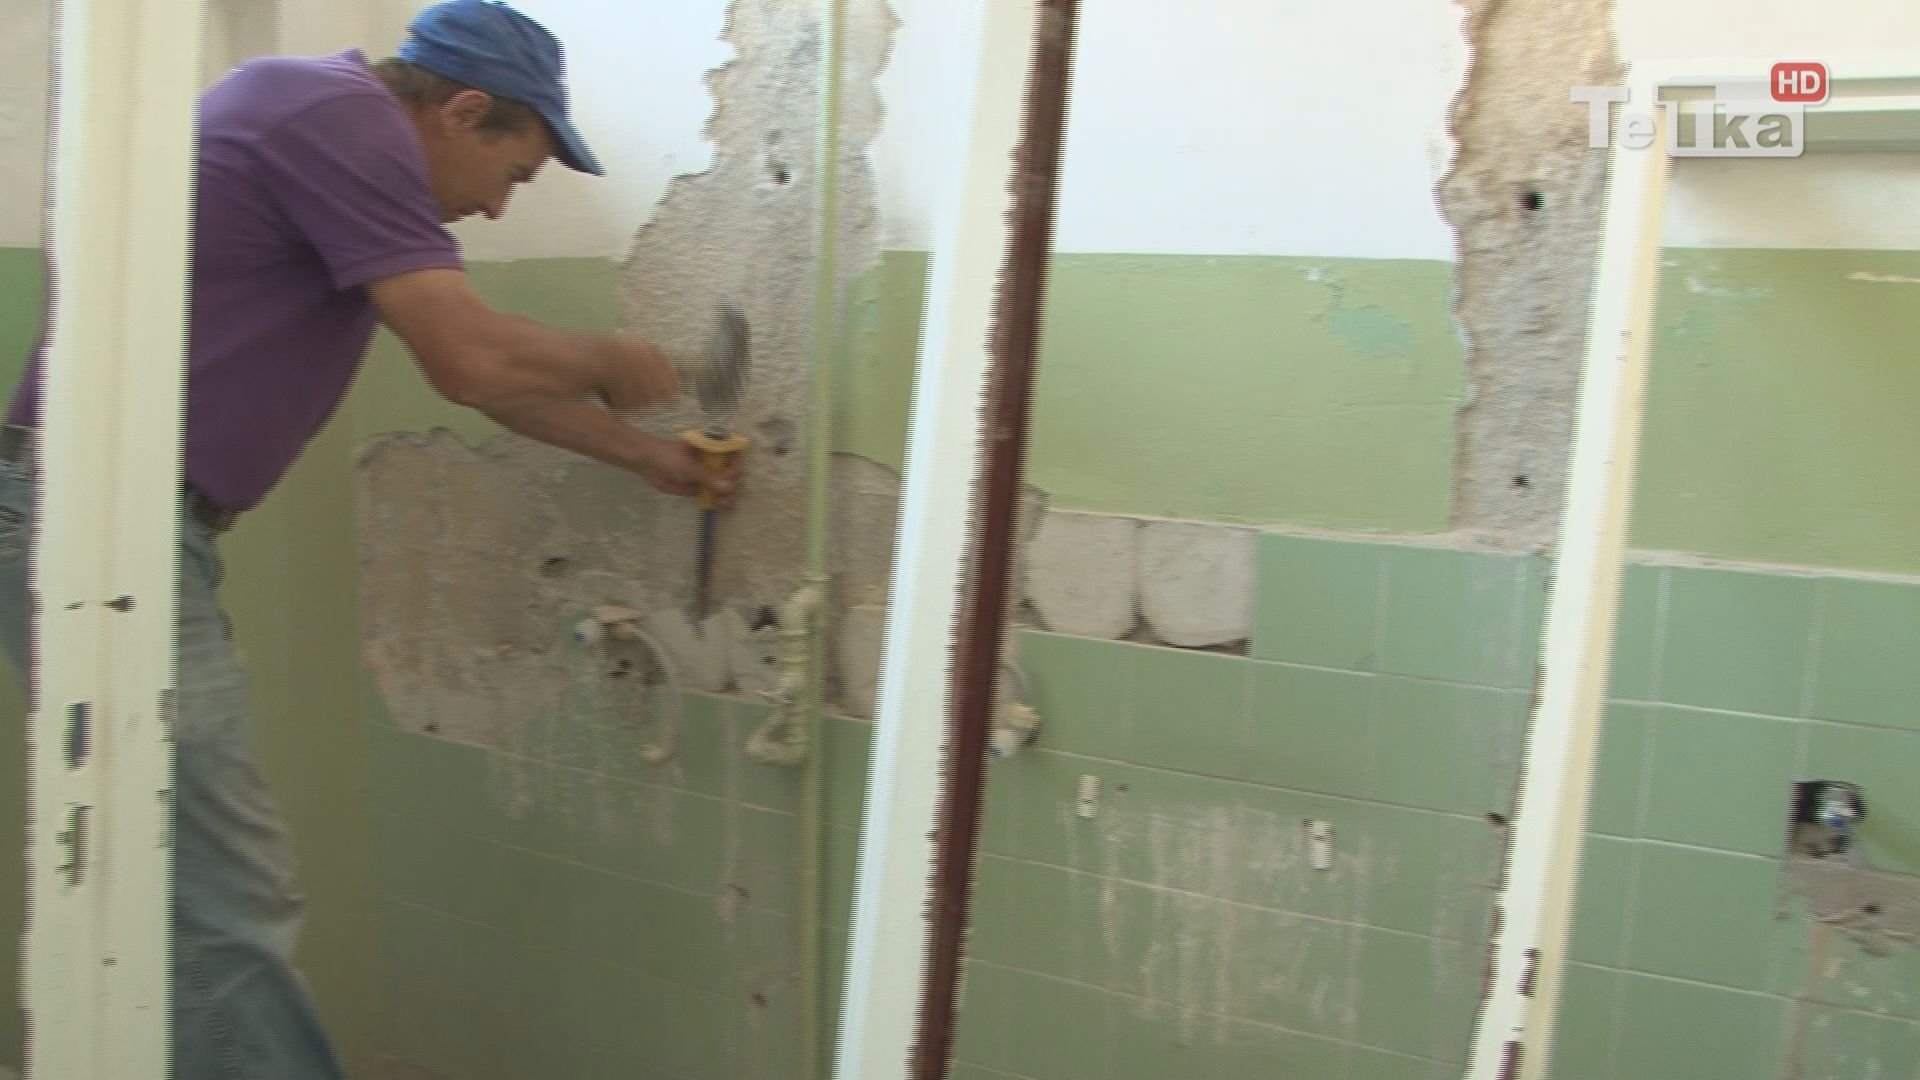 szkoła podstawowa nr 4 realizuje zaplanowane remonty letnie